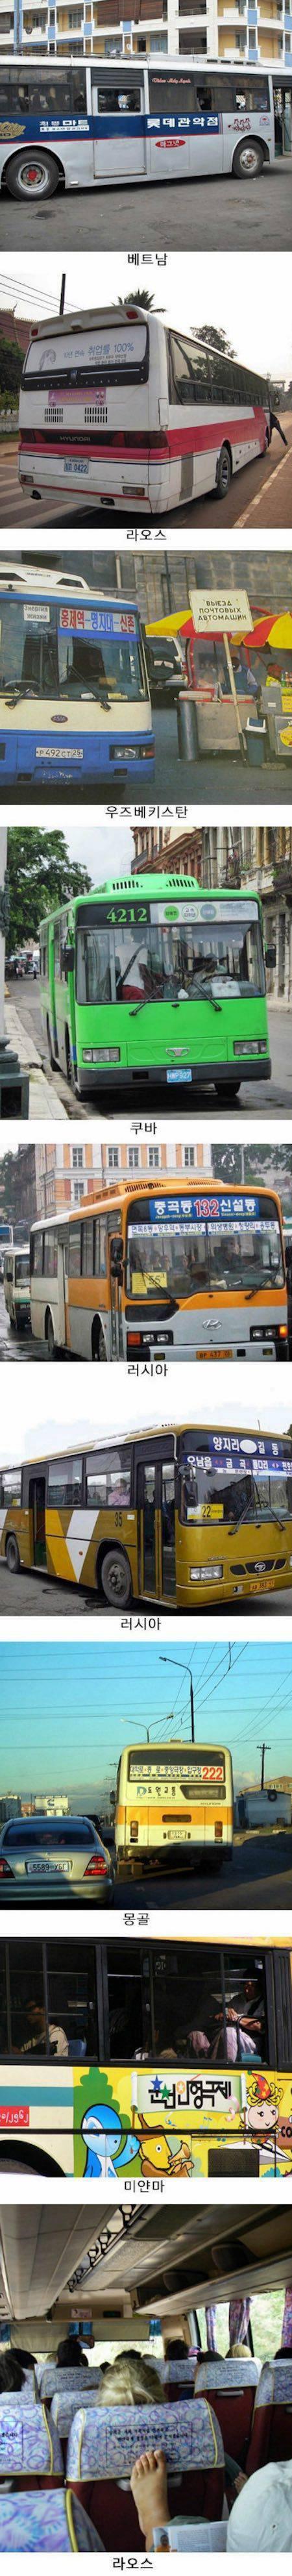 전 세계에 퍼져있는 대한민국 버스.jpg | 인스티즈